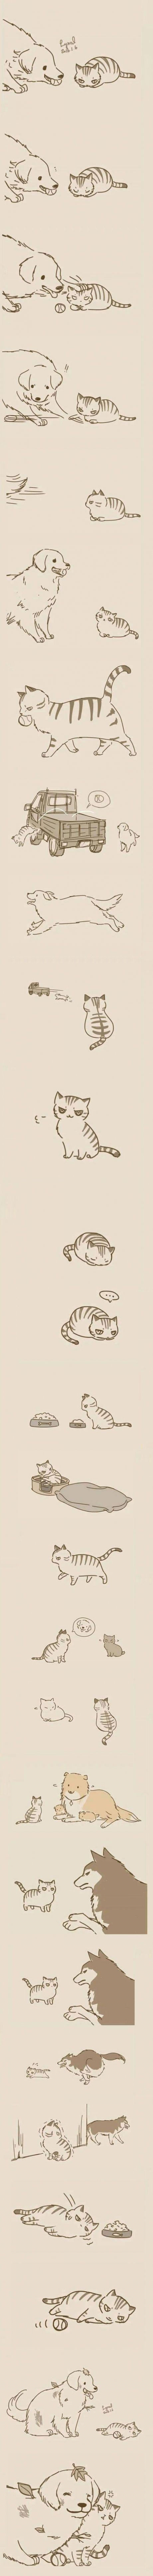 It's cute *image not mine*